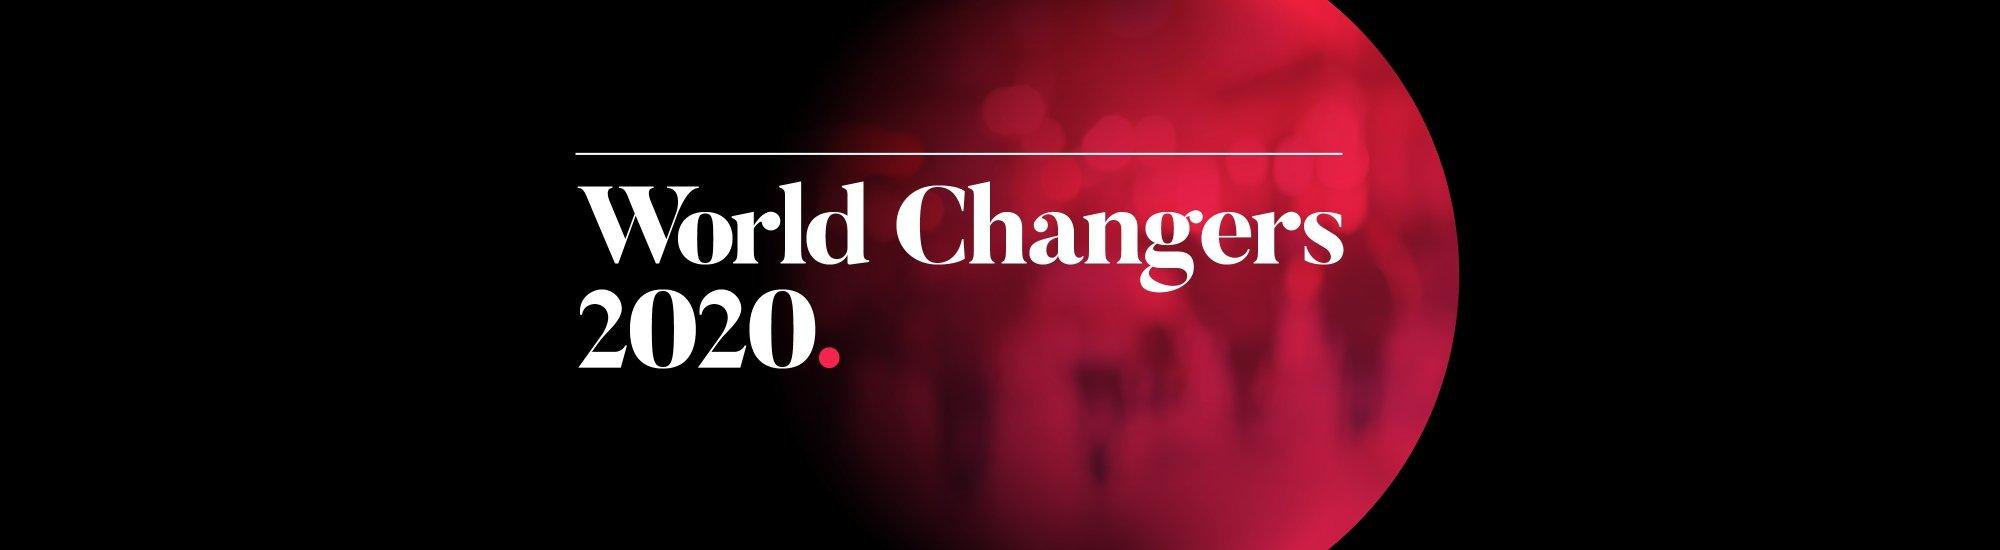 World Changers HERO